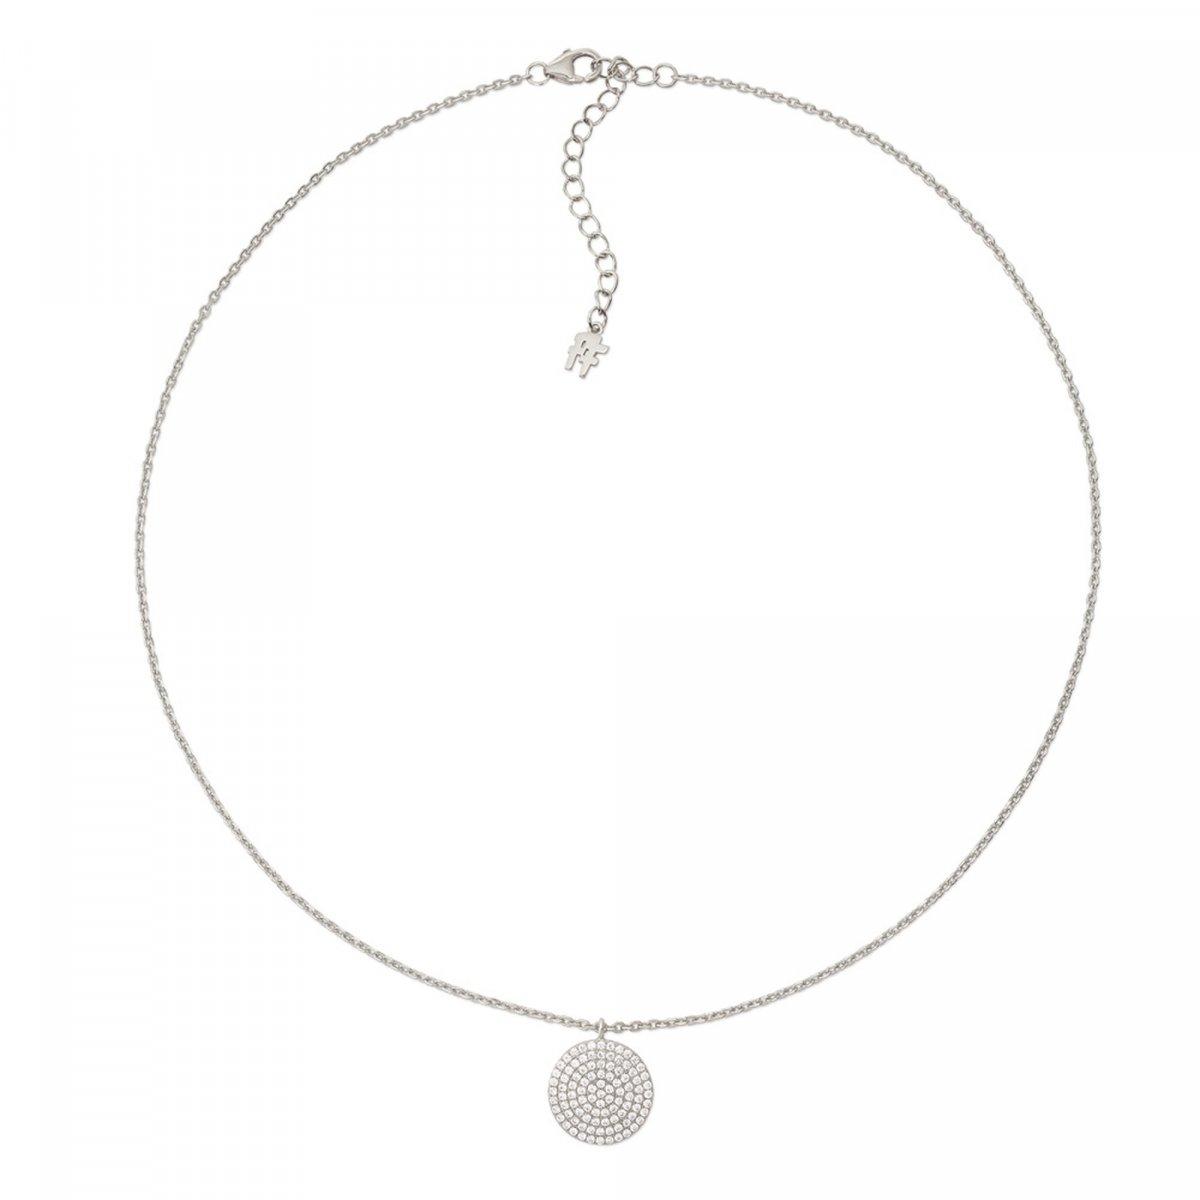 Strieborný náhrdelník FOLLI FOLLIE so zirkónmi